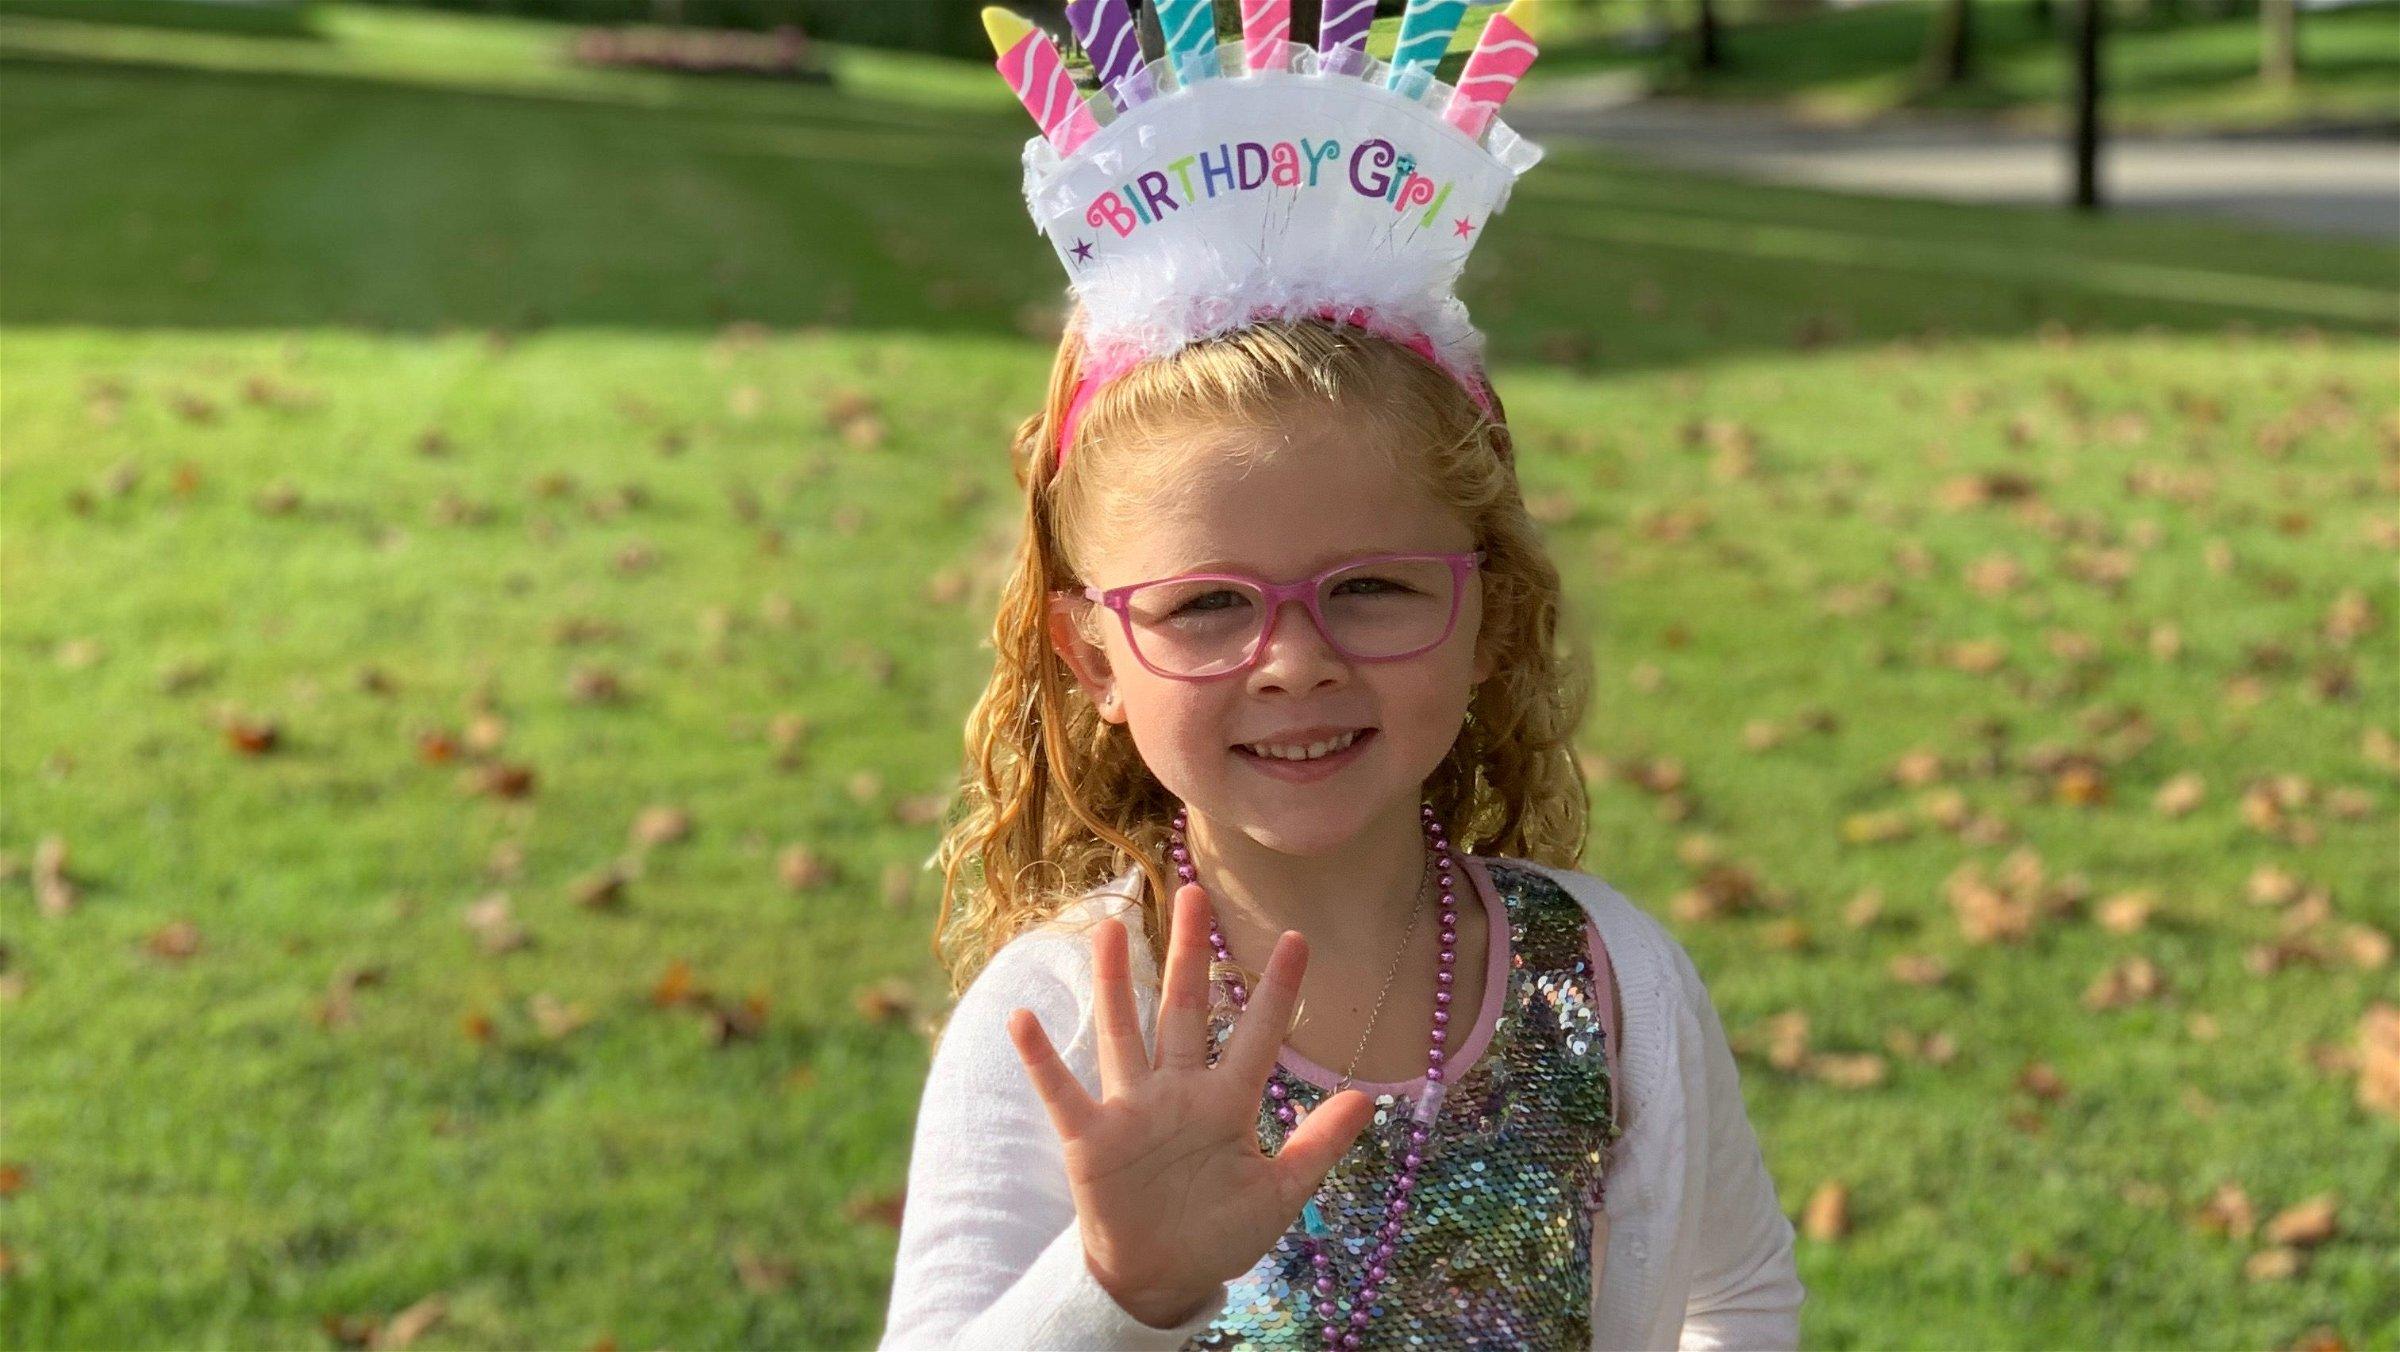 Dear Tessa: 5 Years Old